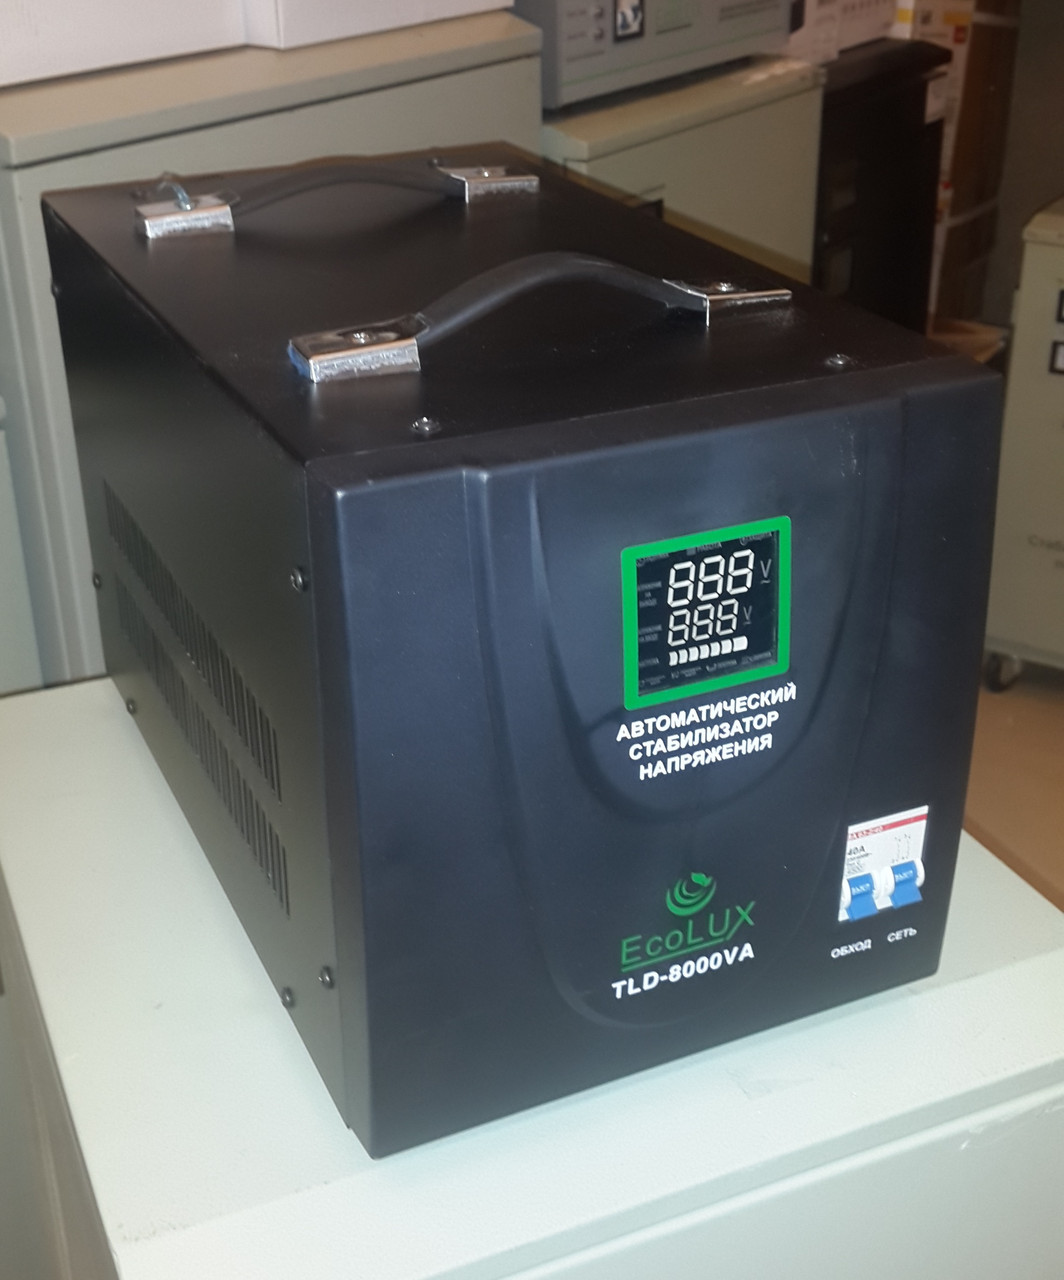 Стабилизатор напряжения электронного типа TLD-8000VA Ecolux